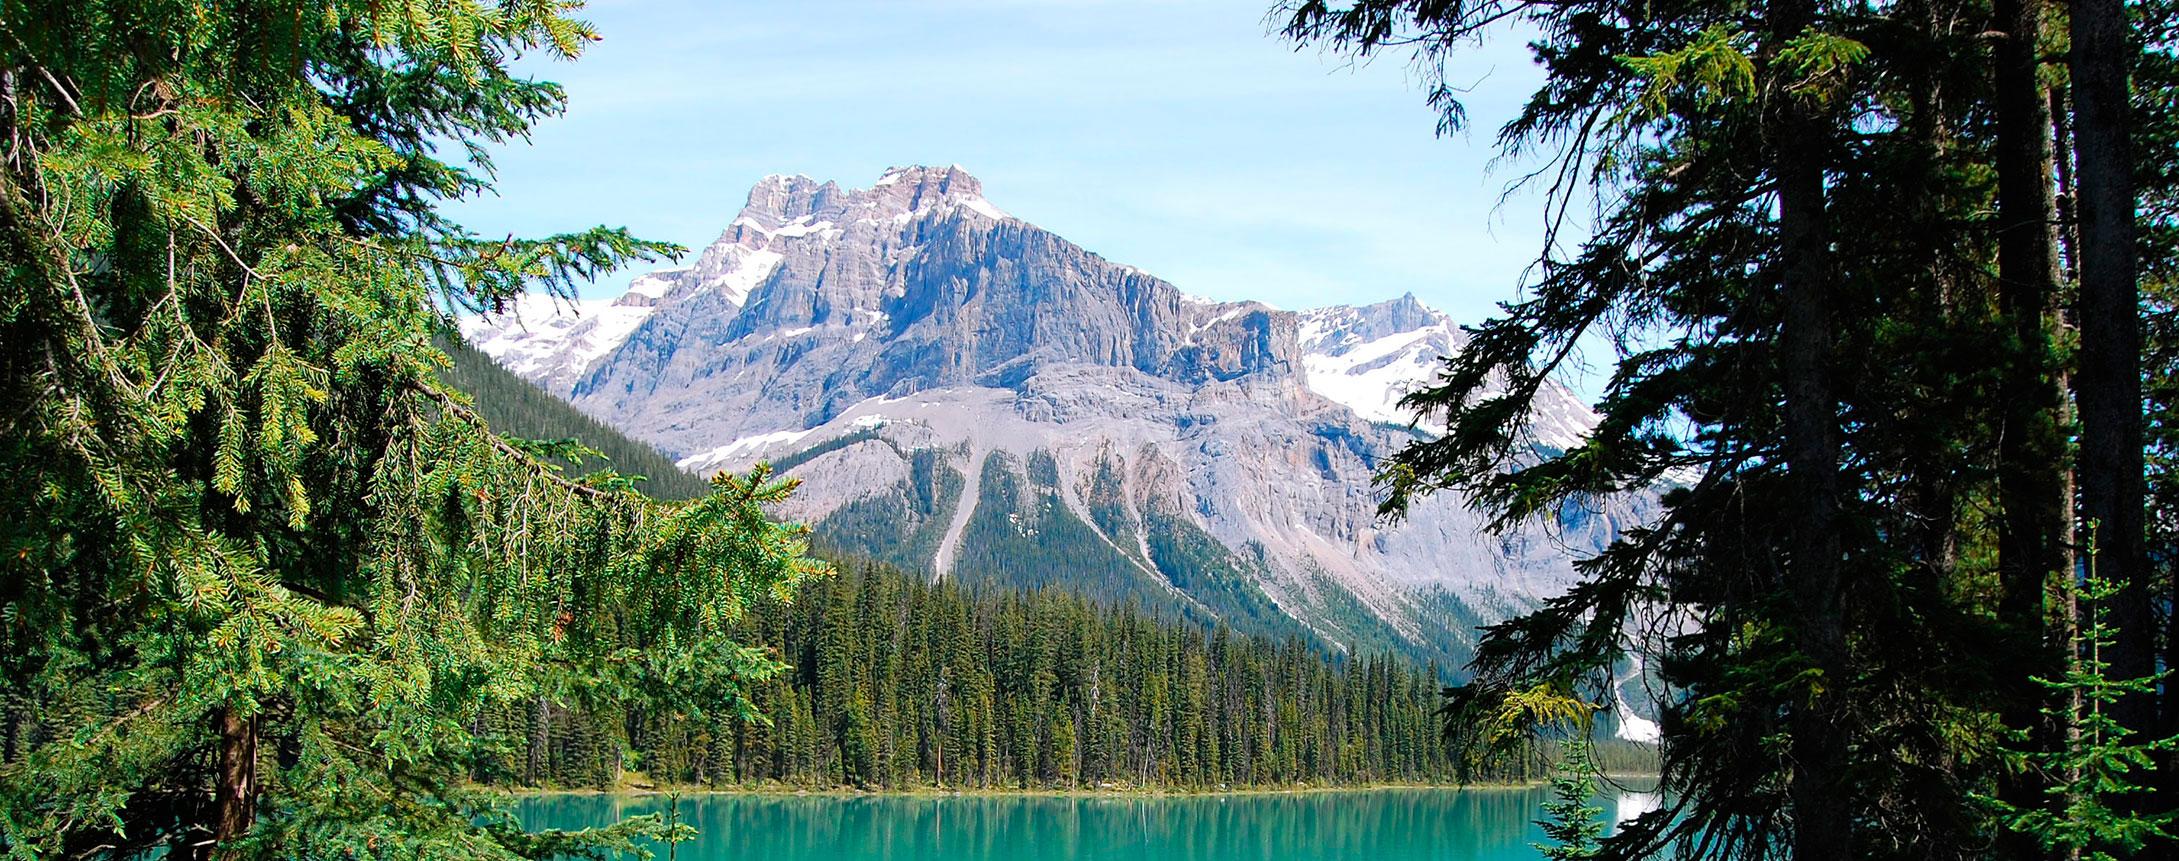 Viajar a Canadá: Consejos e información útil